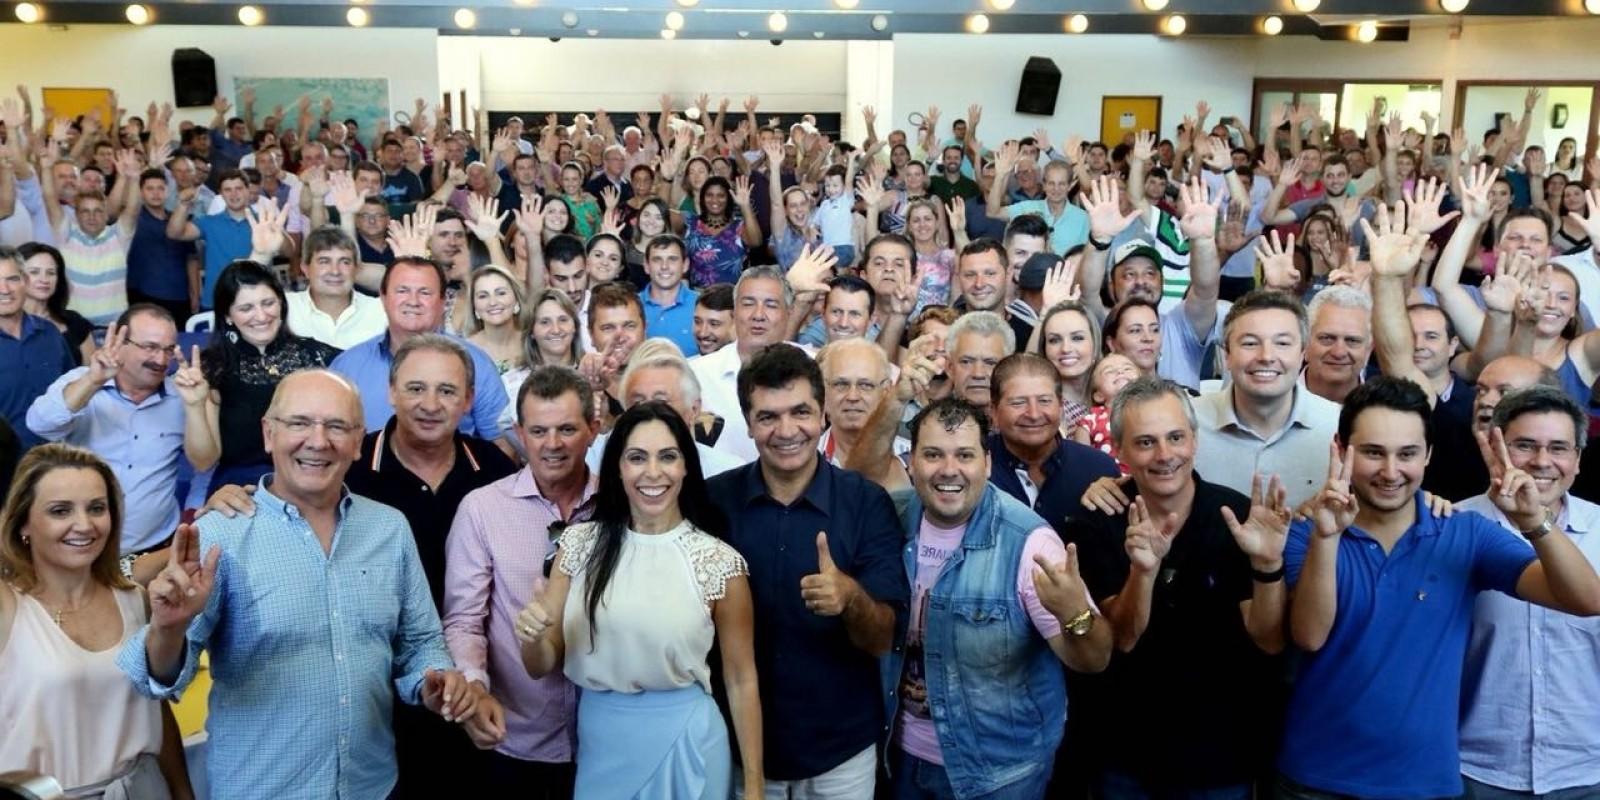 Geovania de Sá reúne 43 cidades catarinenses em seu aniversário